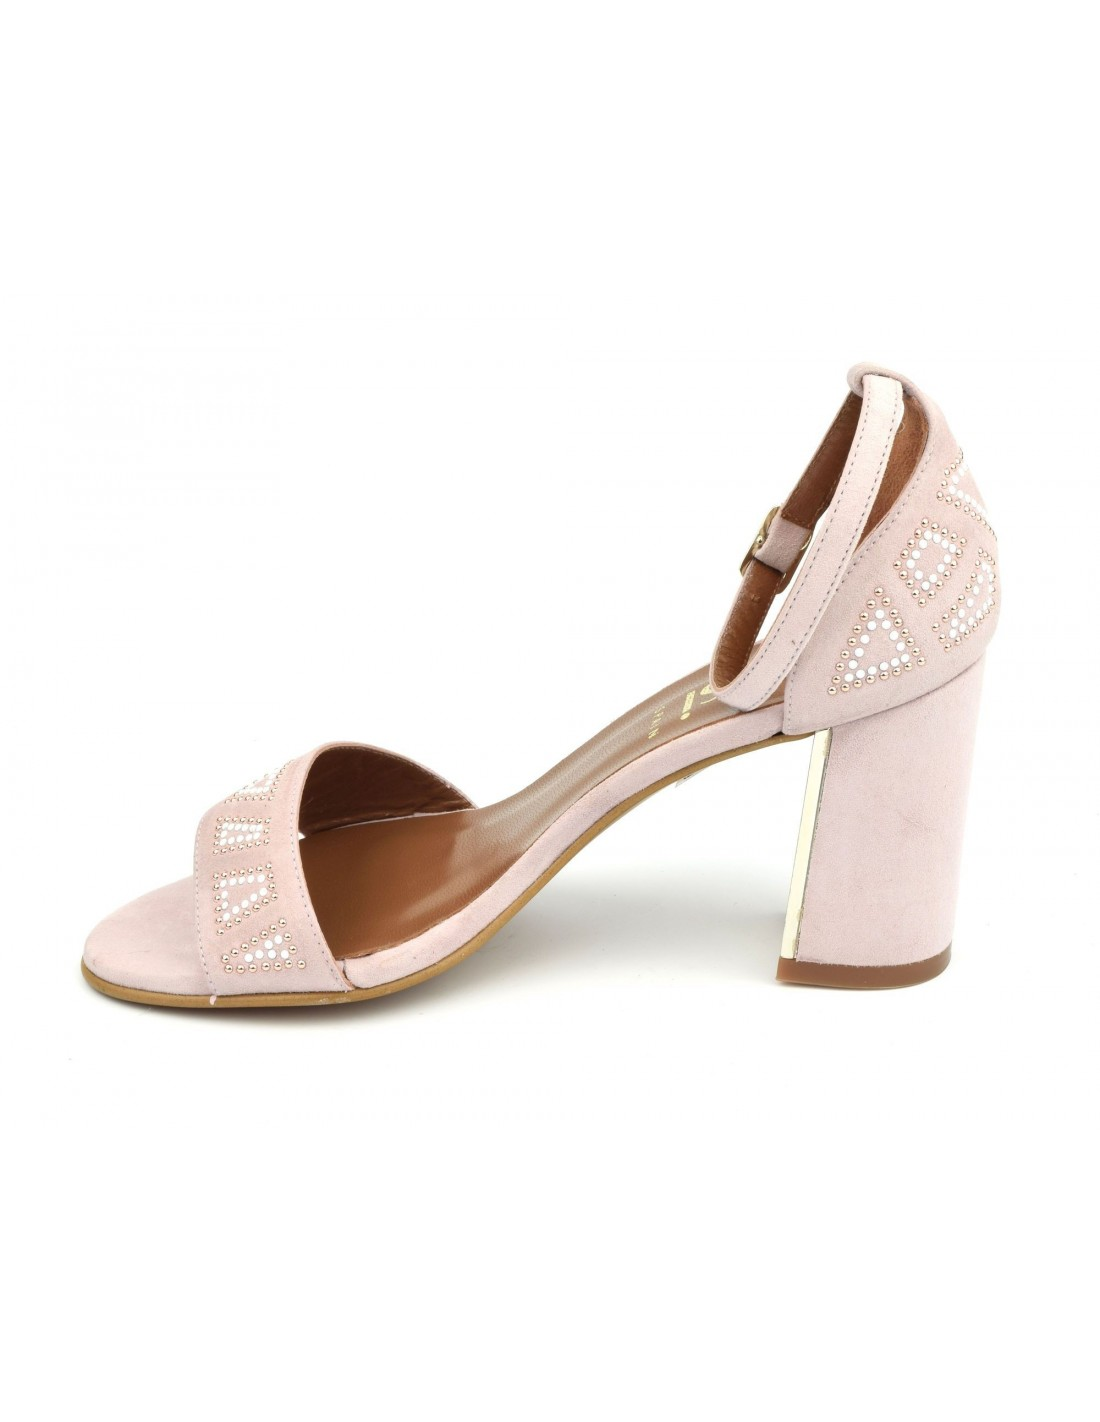 sandales cuir daim rose poudr 8503 dansi. Black Bedroom Furniture Sets. Home Design Ideas